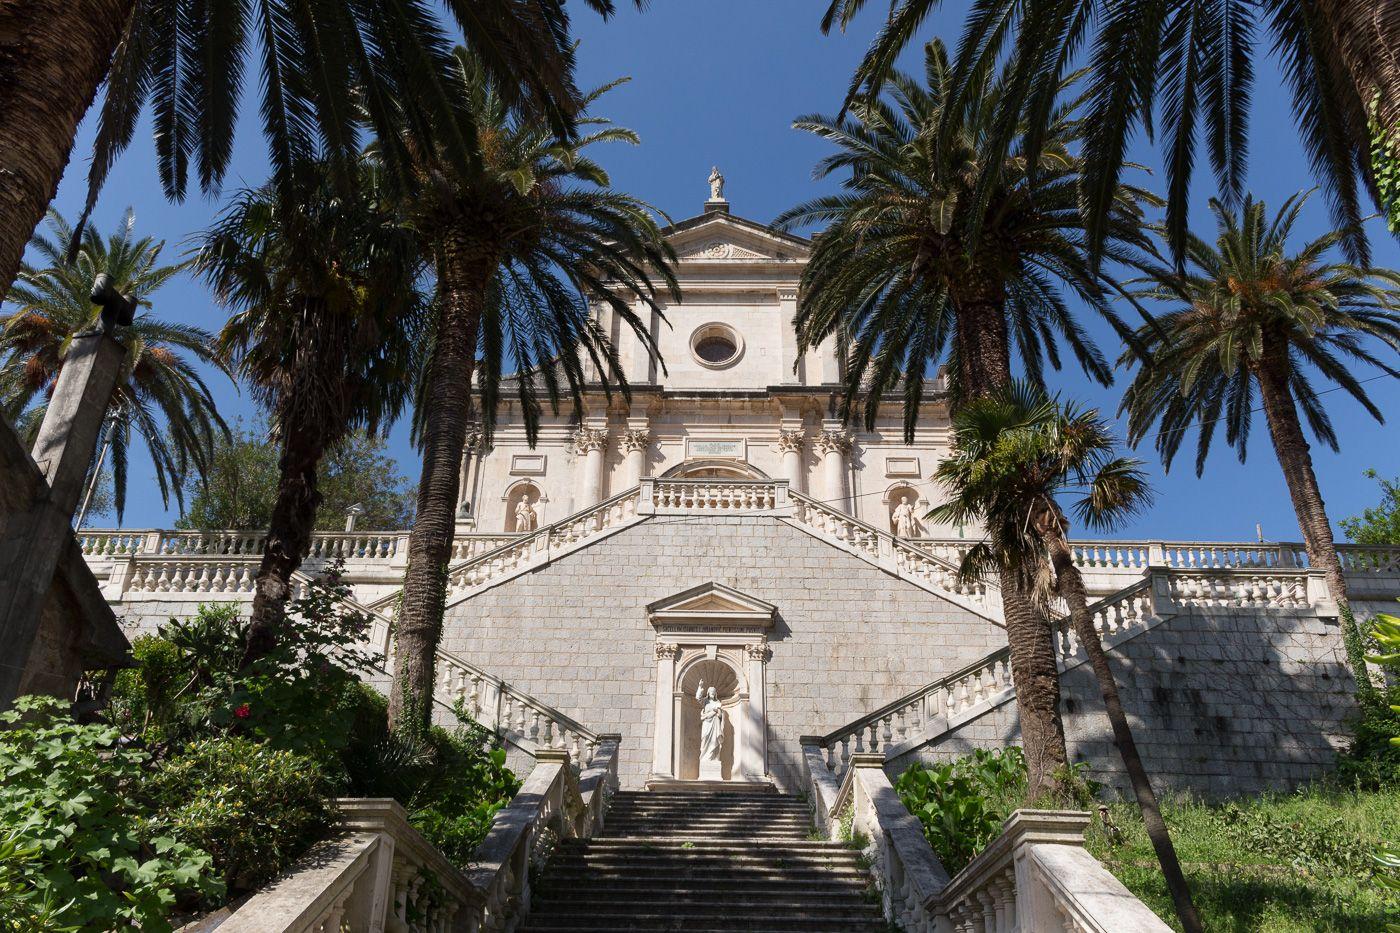 Kirche mit Palmen